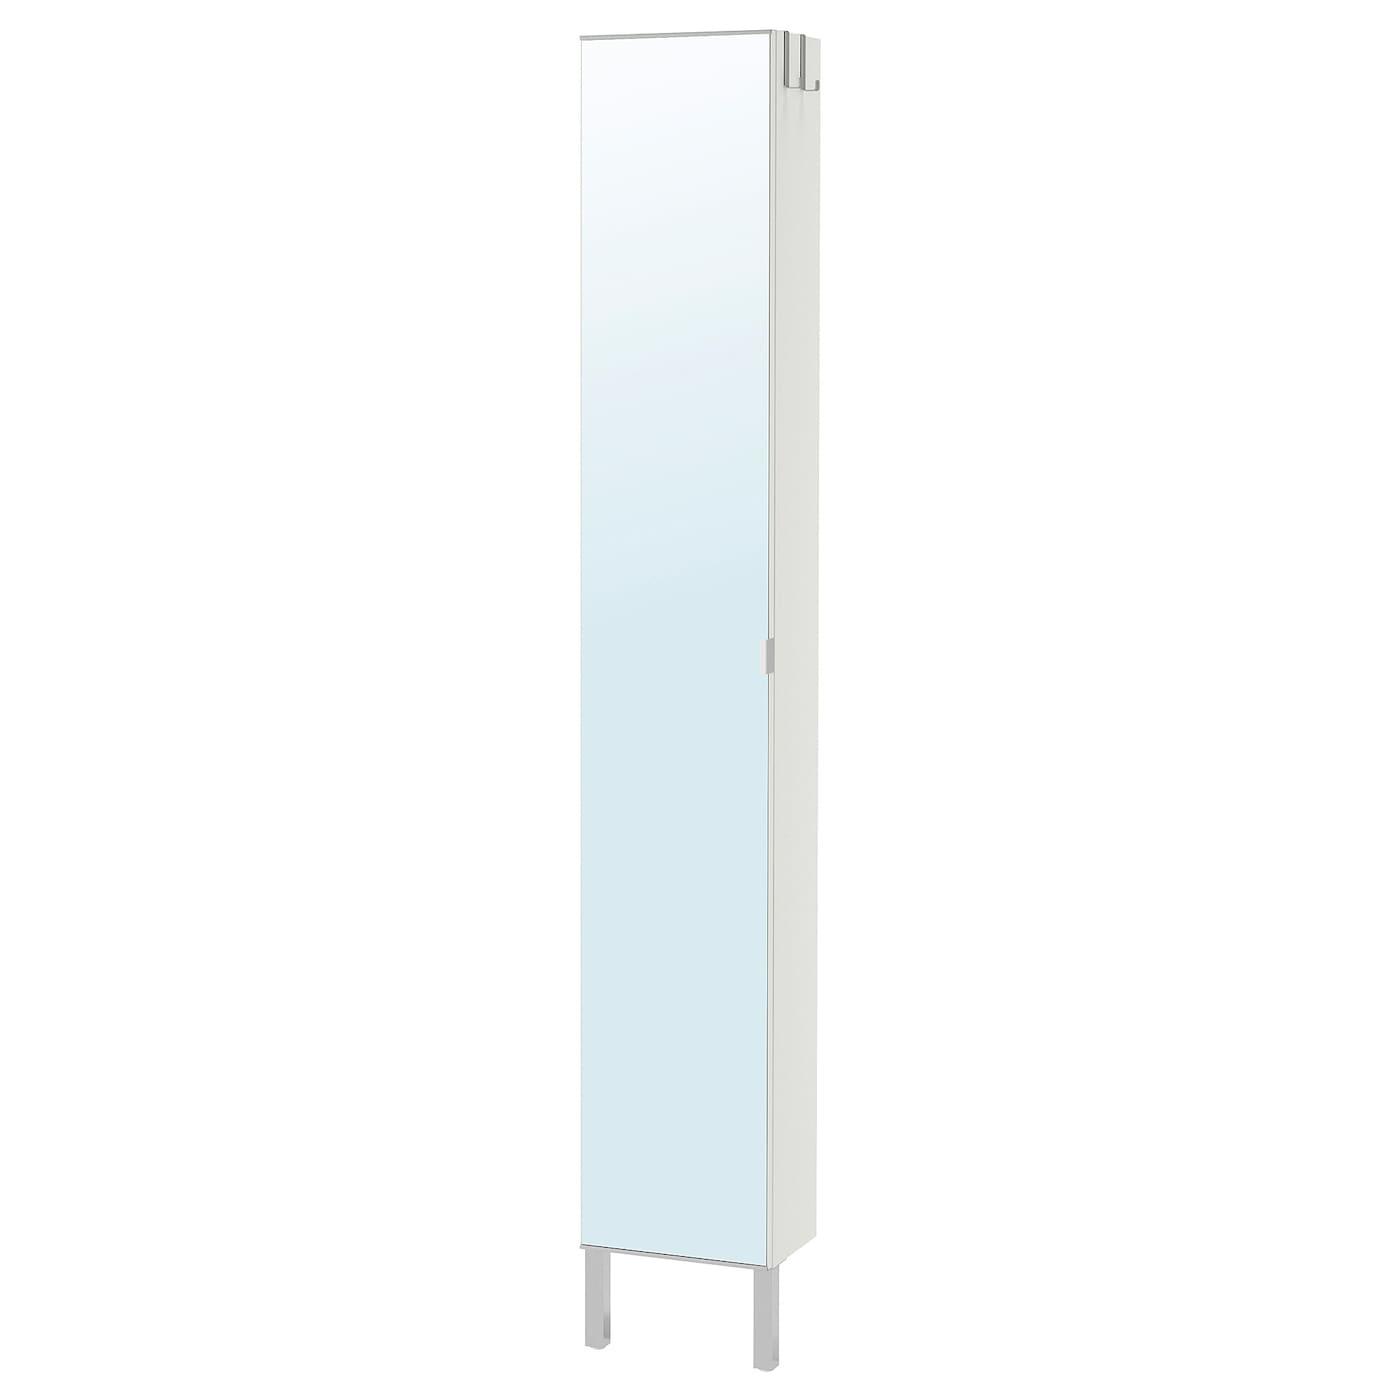 IKEA LILLÅNGEN biała, wysoka szafka z lustrzanymi drzwiami i nogami ze stali nierdzewnej, 30x21x194 cm